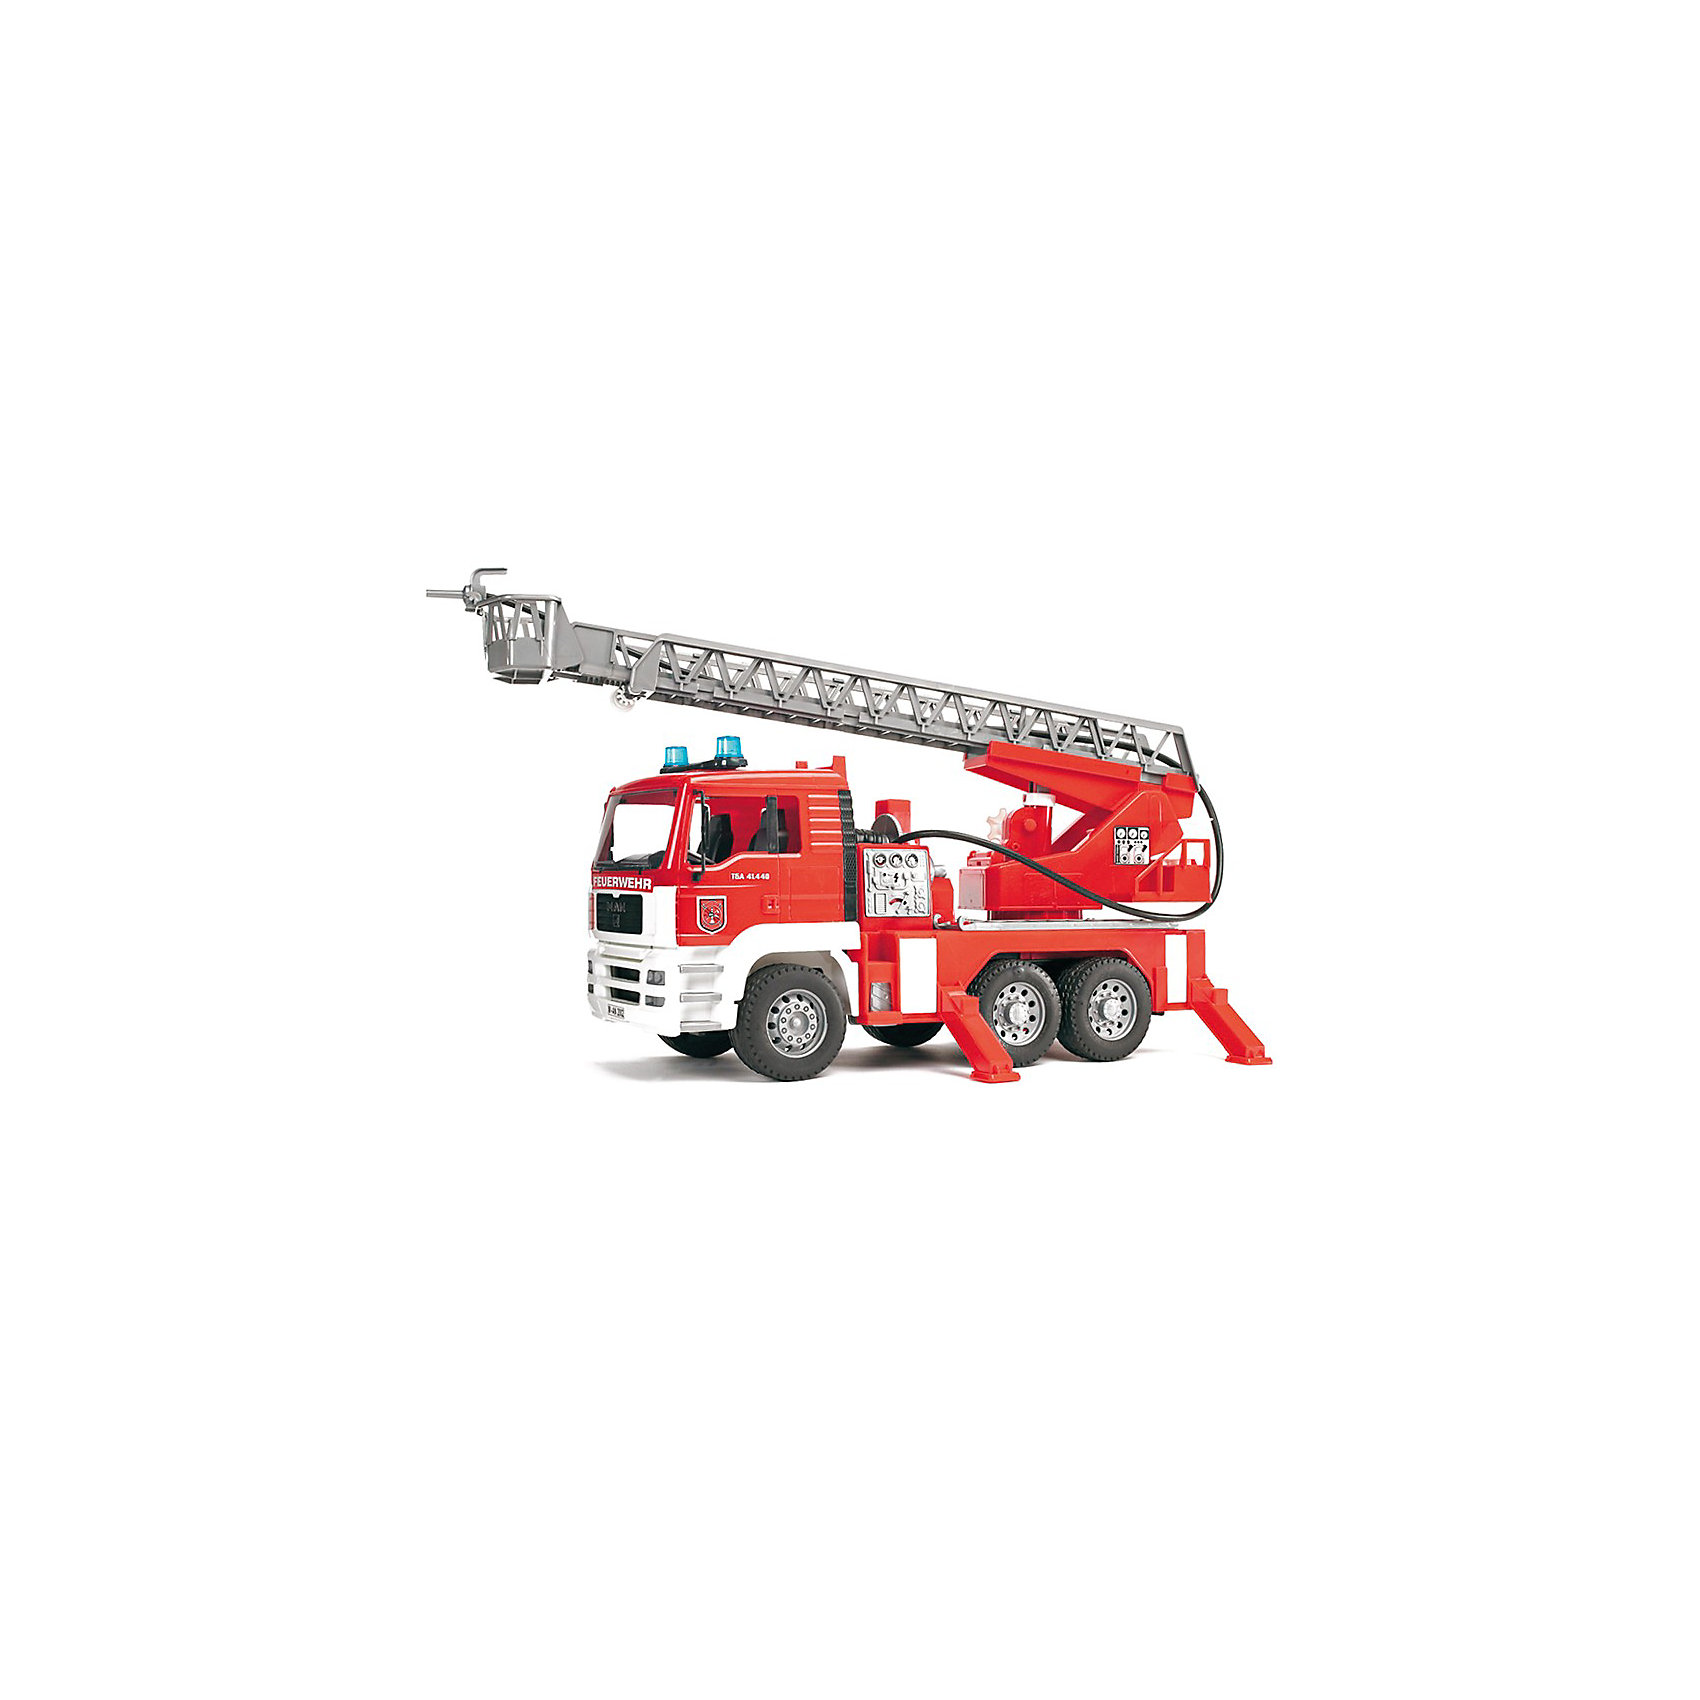 Пожарная машина MAN, BruderИдеи подарков<br>Пожарная машина MAN с наклоняемой кабиной водителя от Bruder (Брудер) станет прекрасным дополнением коллекции автомобилей специального назначения. <br><br>Особенности:<br><br>- можно увидеть двигатель<br>- полнофункциональный насос для воды и шланг<br>- встроенный наполняемый бак для воды<br>- поворотная выдвижная лестница, регулируемая по высоте<br>- спасательная люлька, сматываемый пожарный шланг<br>- складные зеркала<br>- 4 стойки<br>- профильные шины<br>- модуль световой и звуковой сигнализации: 4 различные функции: гудок, звук работающего двигателя, проблесковый маячок и сирена<br><br>Дополнительная информация:<br><br>- для работы необходимы батарейки типа ААА (в комплект не входят)<br>- размеры: длина 47см x ширина 18см x высота 24см<br>- масштаб 1:16<br>- произведен из высококачественных пластиков<br>- каска в комплект не входит<br><br>Пожарную машину MAN от Bruder (Брудер) можно купить в нашем магазине.<br><br>Ширина мм: 528<br>Глубина мм: 279<br>Высота мм: 187<br>Вес г: 2033<br>Возраст от месяцев: 36<br>Возраст до месяцев: 96<br>Пол: Мужской<br>Возраст: Детский<br>SKU: 1422599